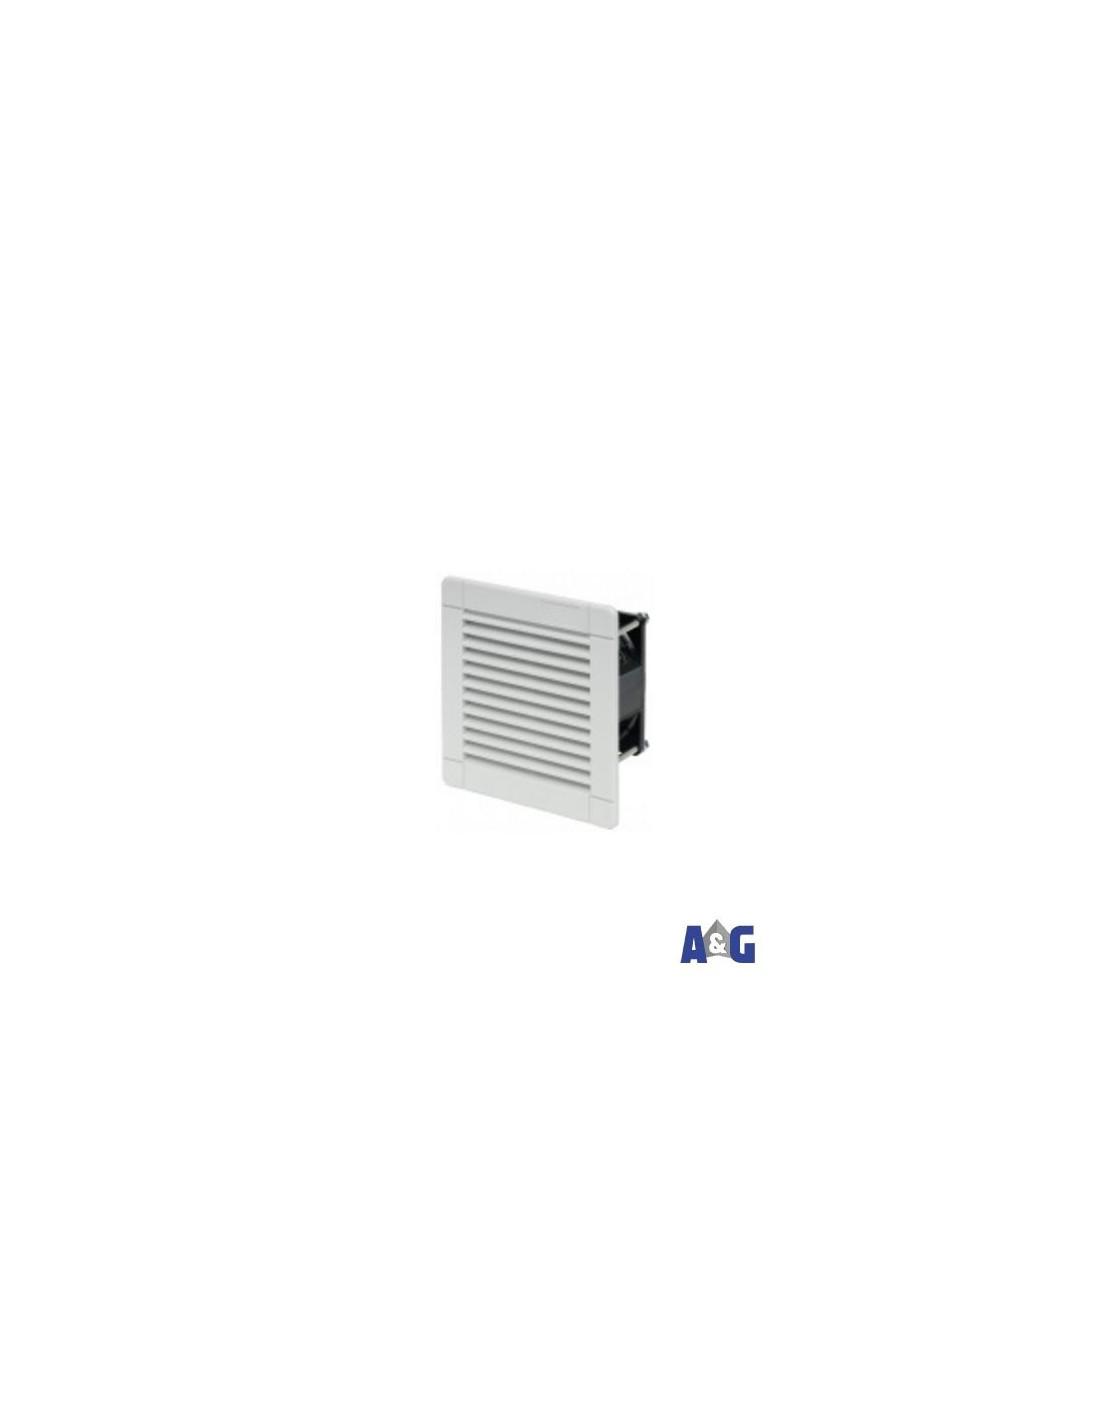 Ventilatore con filtro per armadi e quadri elettrici for Ventilatore con nebulizzatore per interni